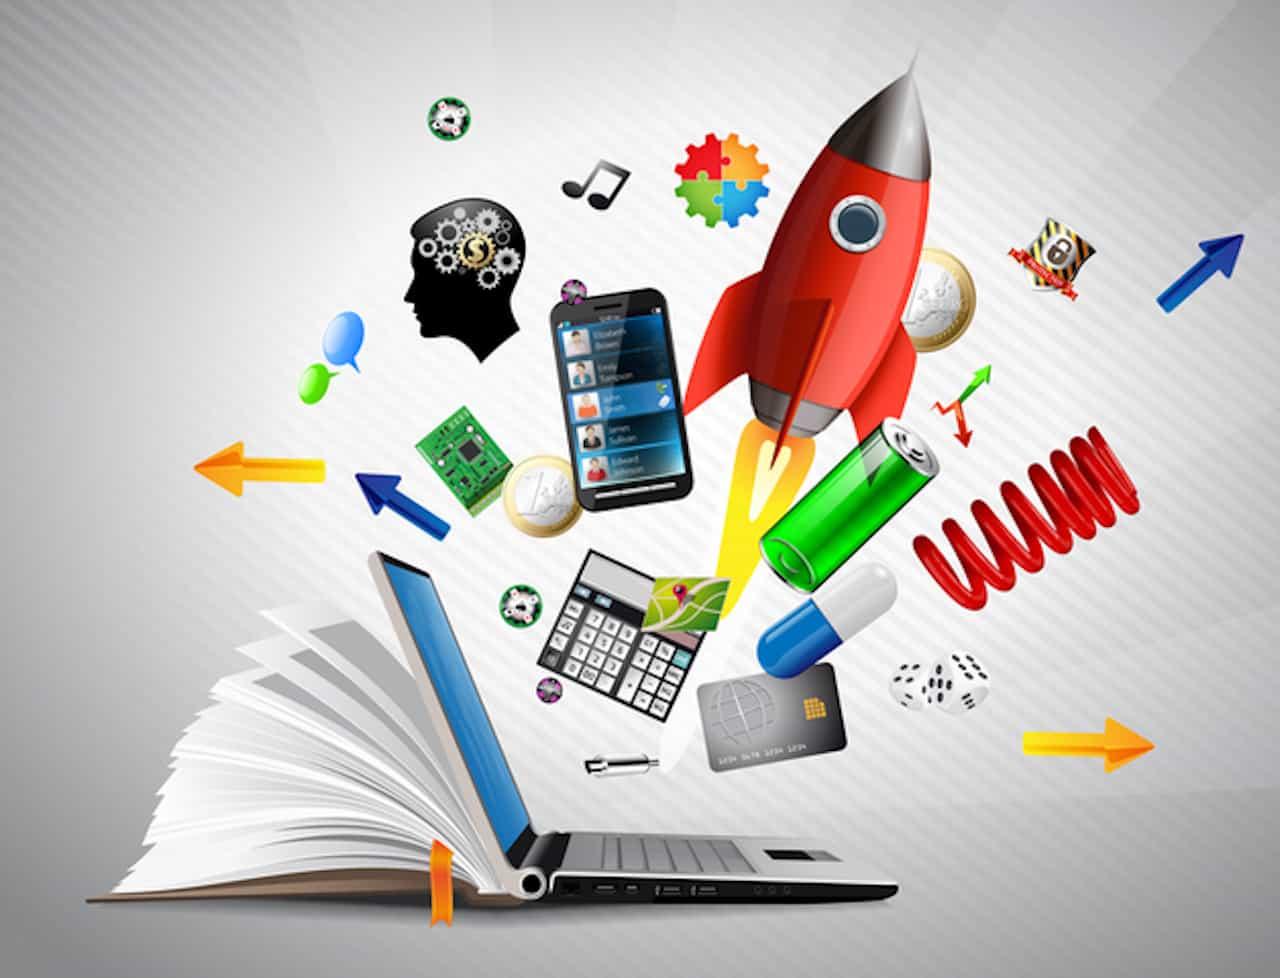 Convocatoria sobre producción de Recursos Educativos Digitales y Objetos Virtuales de Aprendizaje para docentes de Boyacá 1